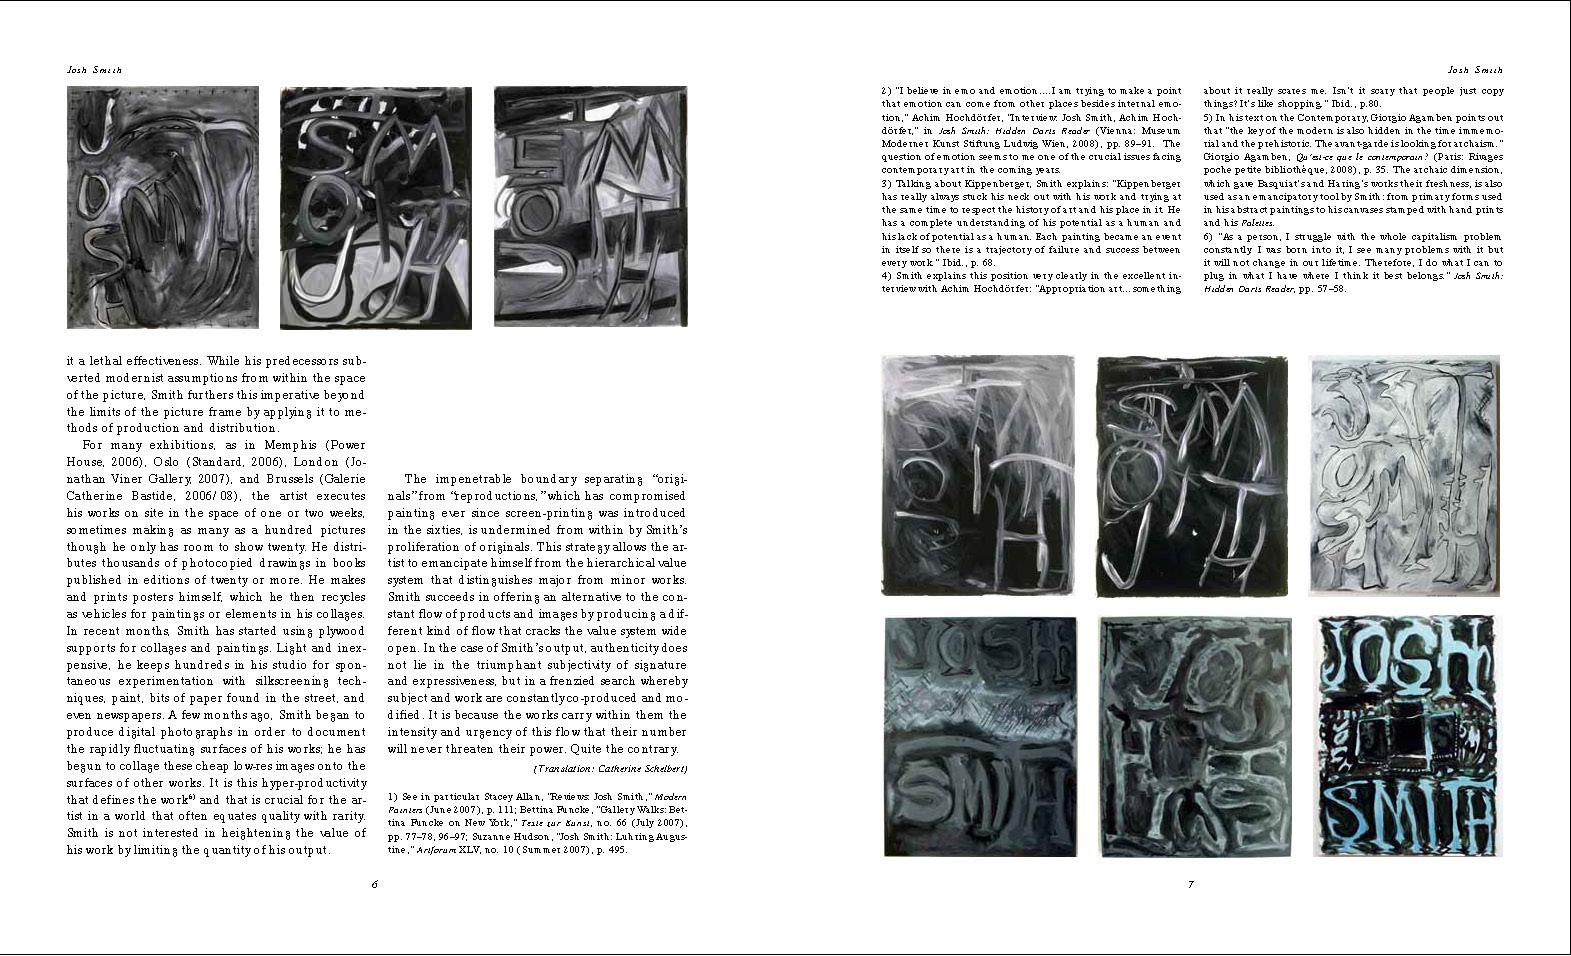 """Anne Pontégnie, """"Painter Without A Pause"""", Parkett 85 (2009), p.2-7."""